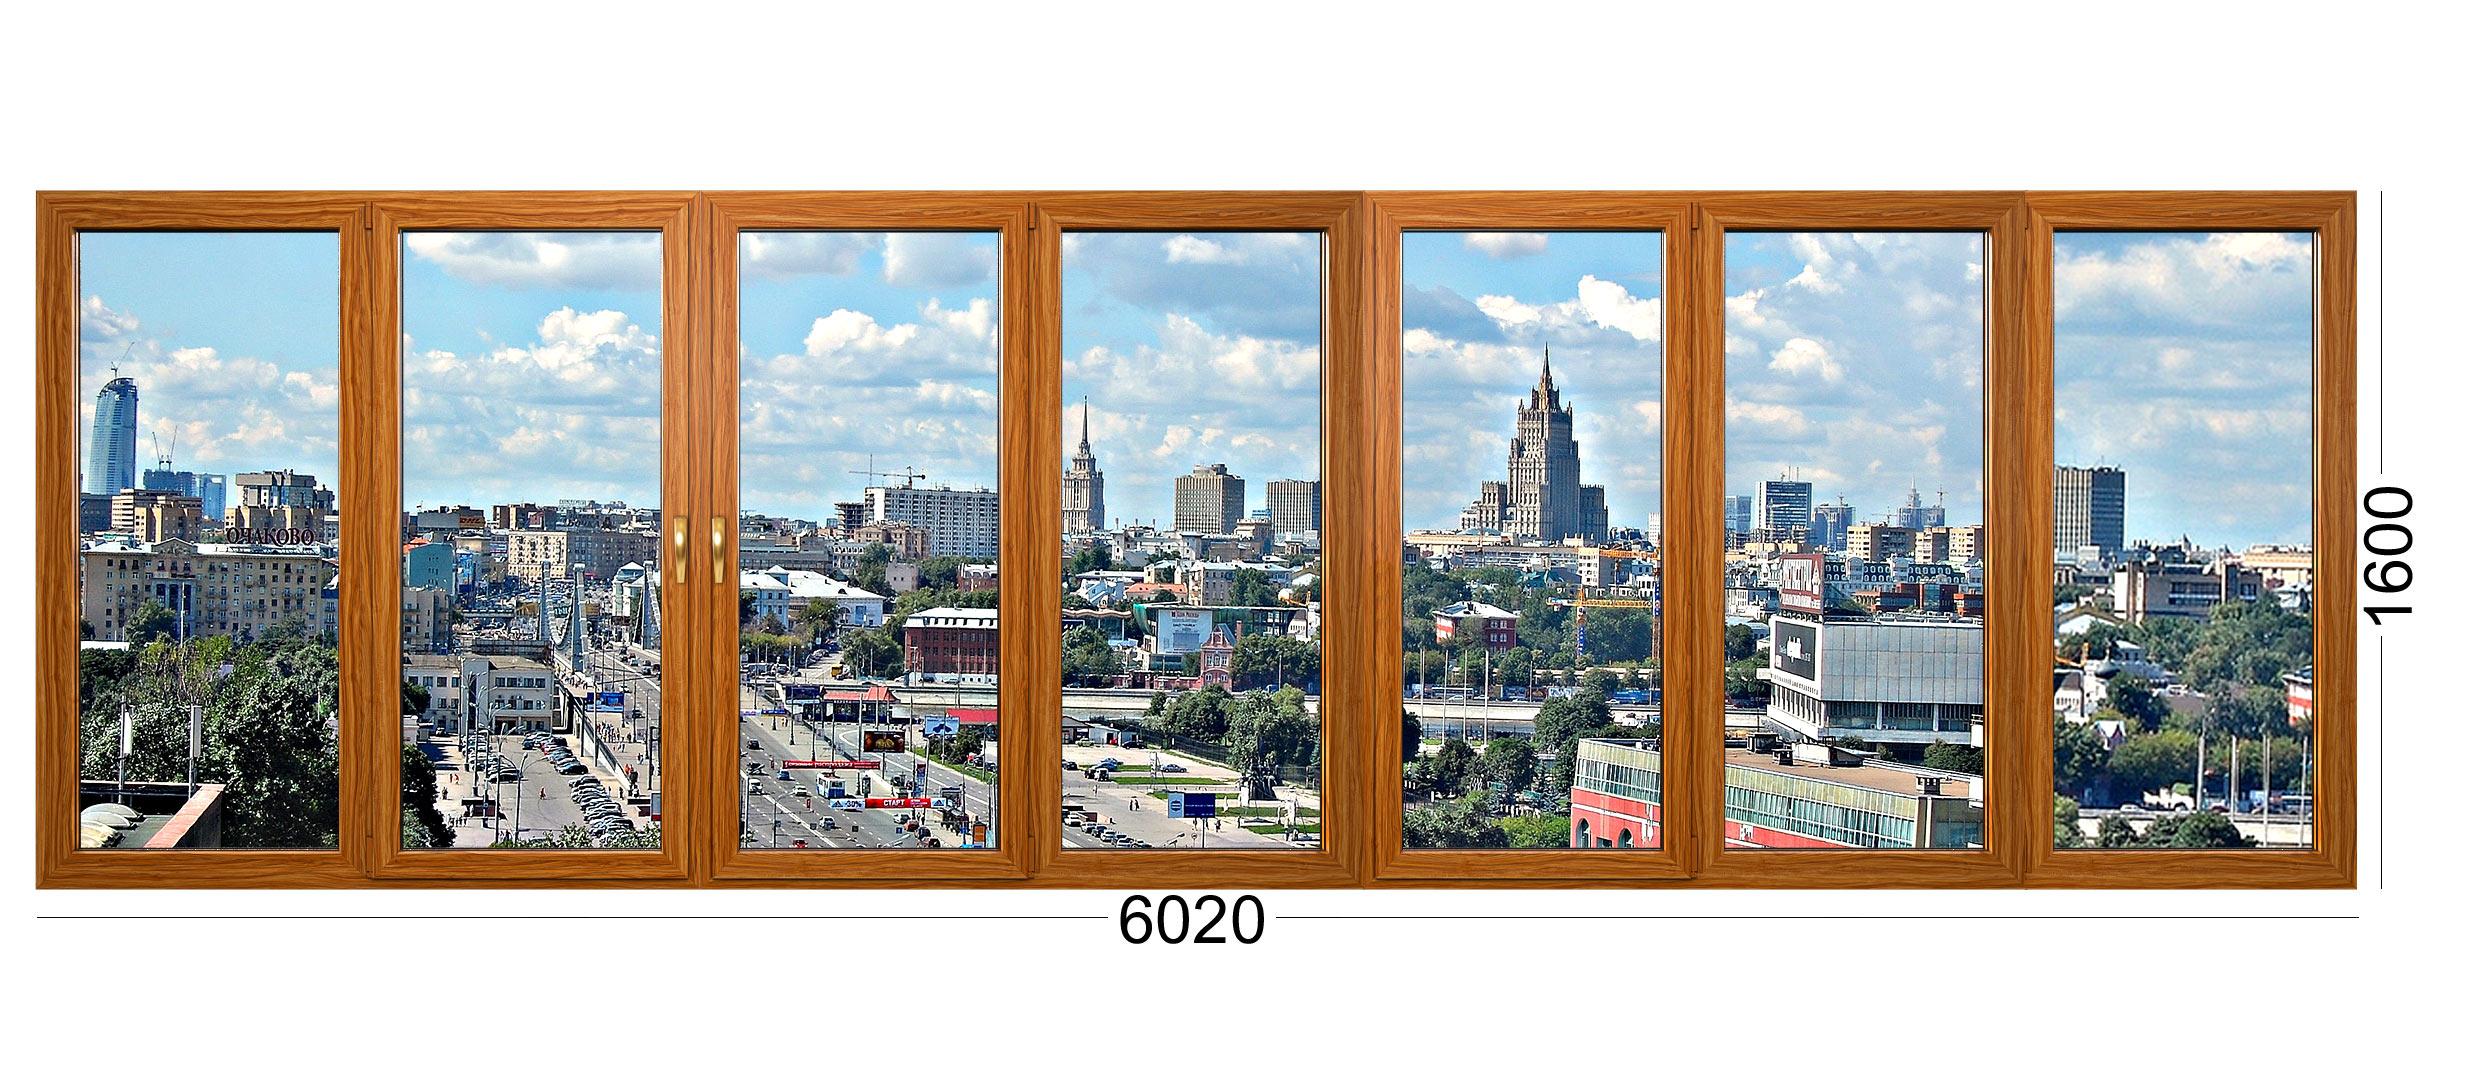 Лоджия или балкон из 6 створок для дома серии 1605/9 или 1605 9 - деревянные окна